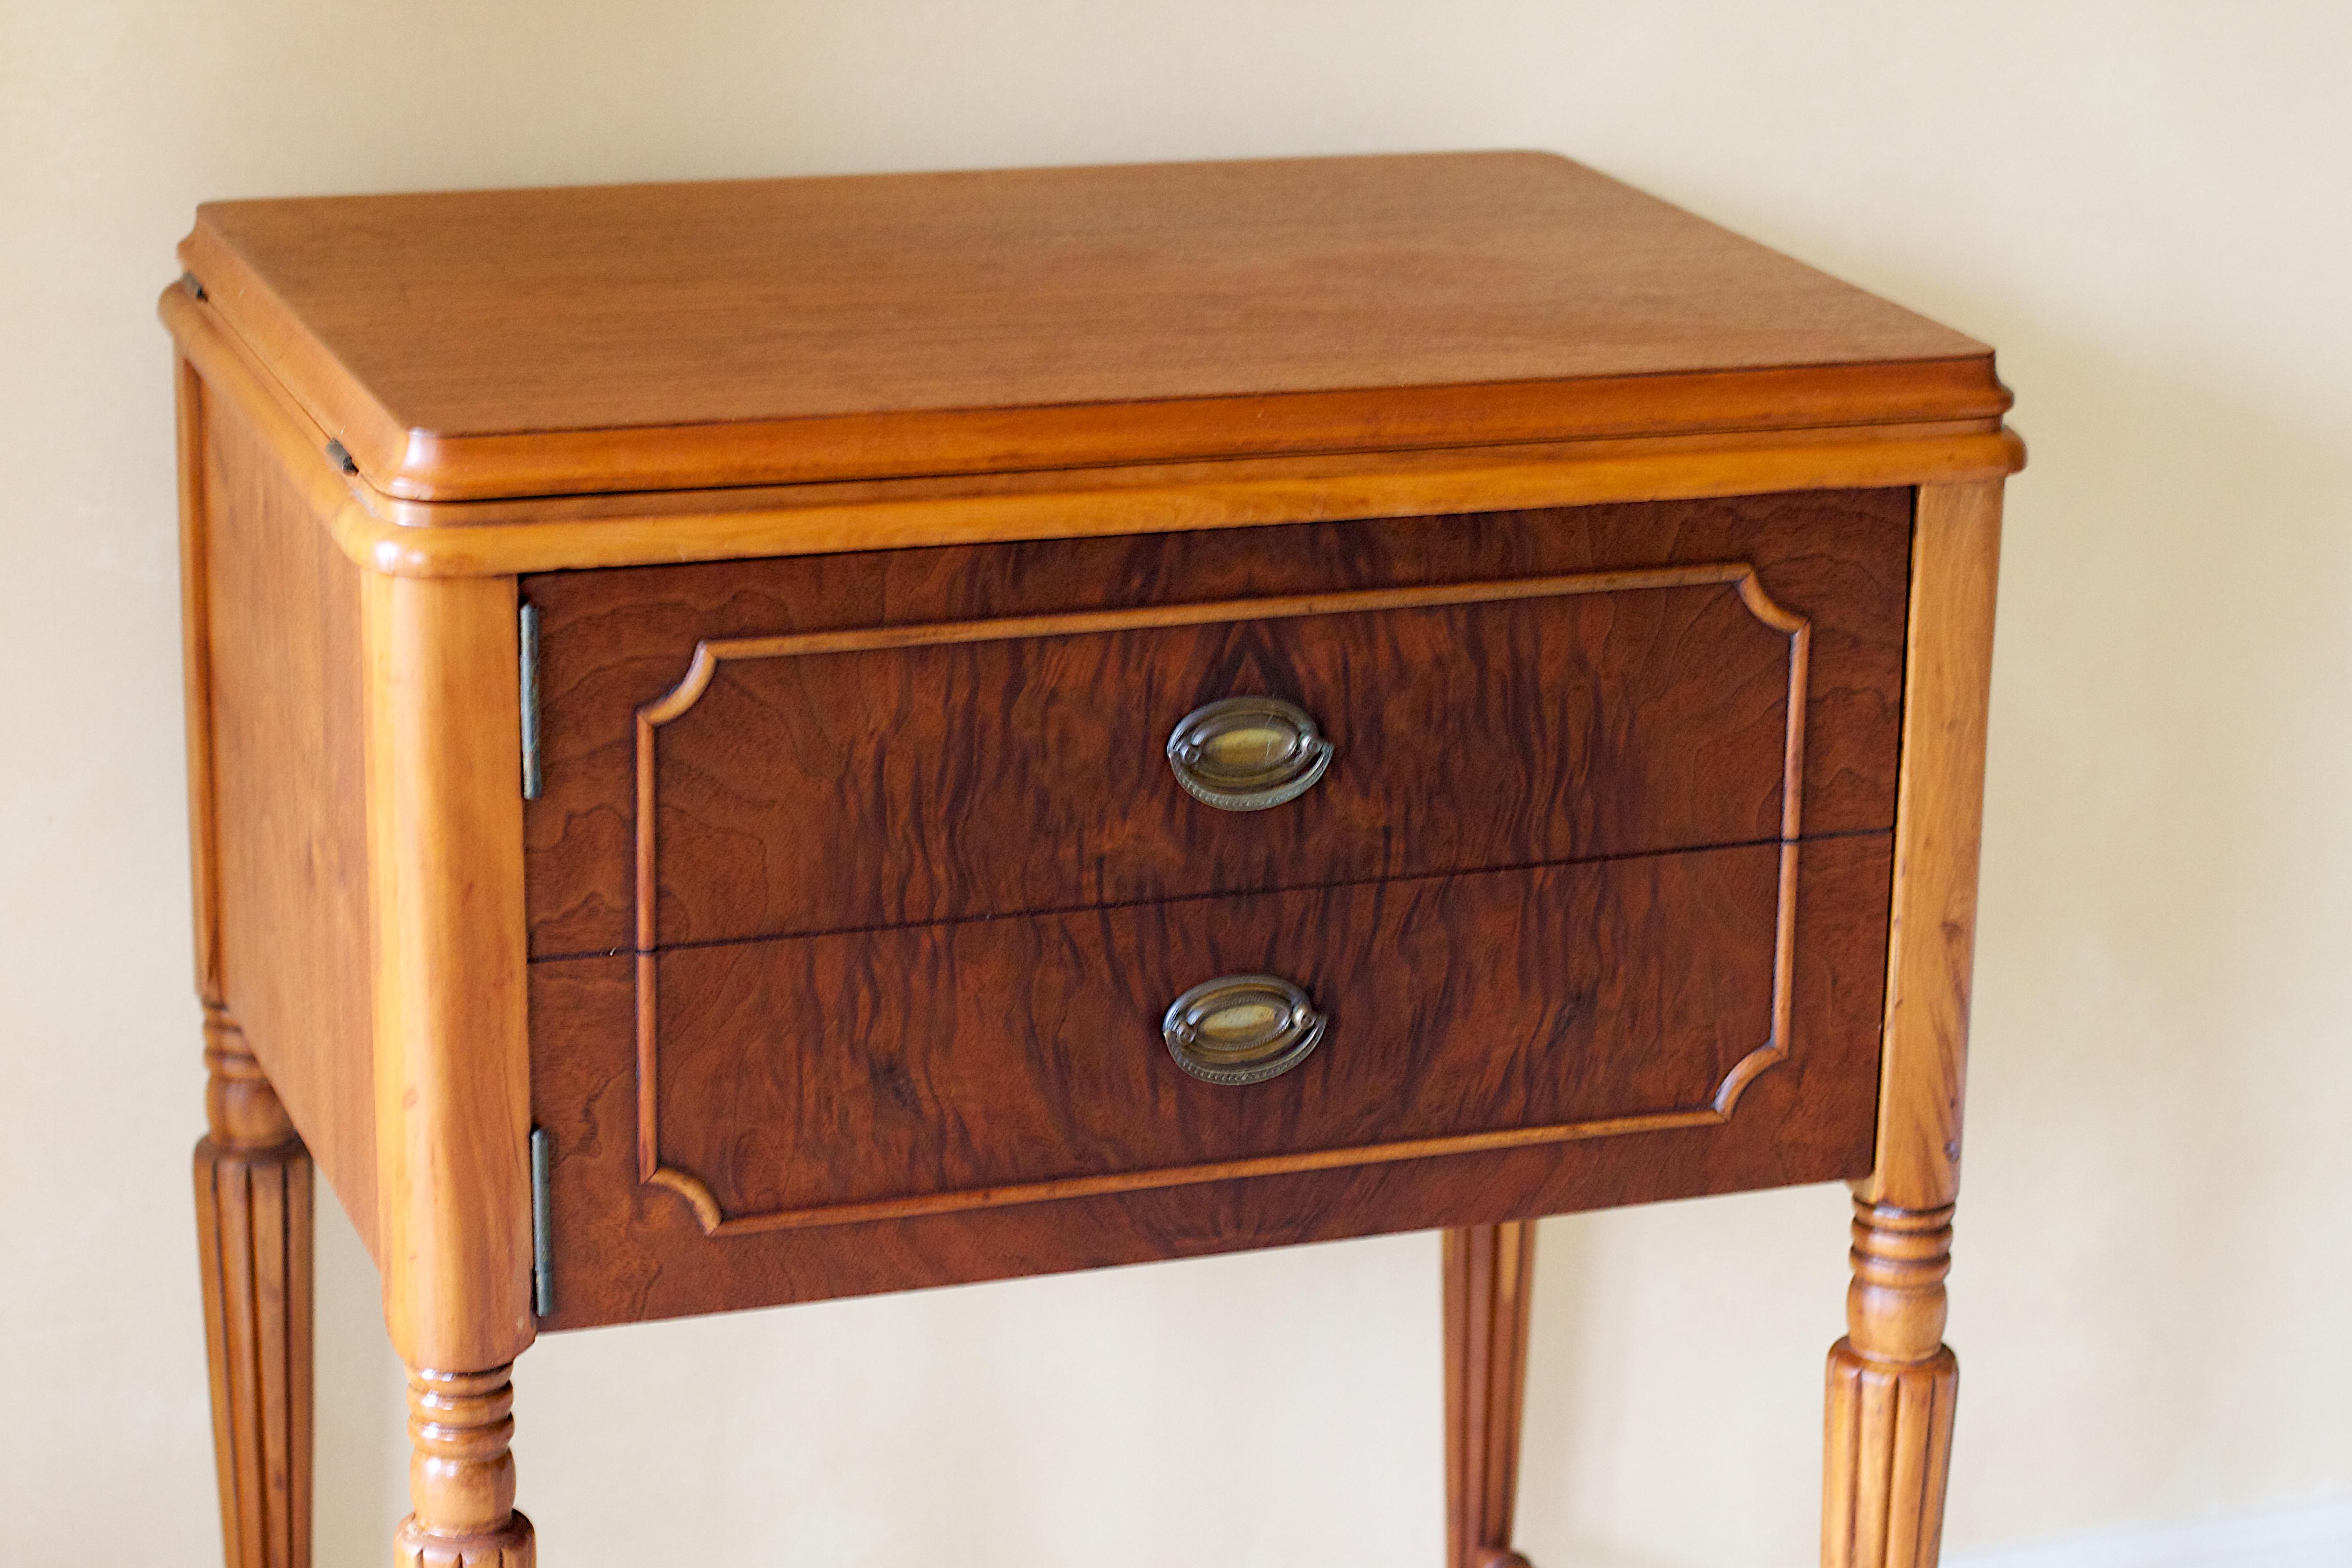 Fotos gratis : escritorio, mueble, pecho, mesita de noche, cajón ...